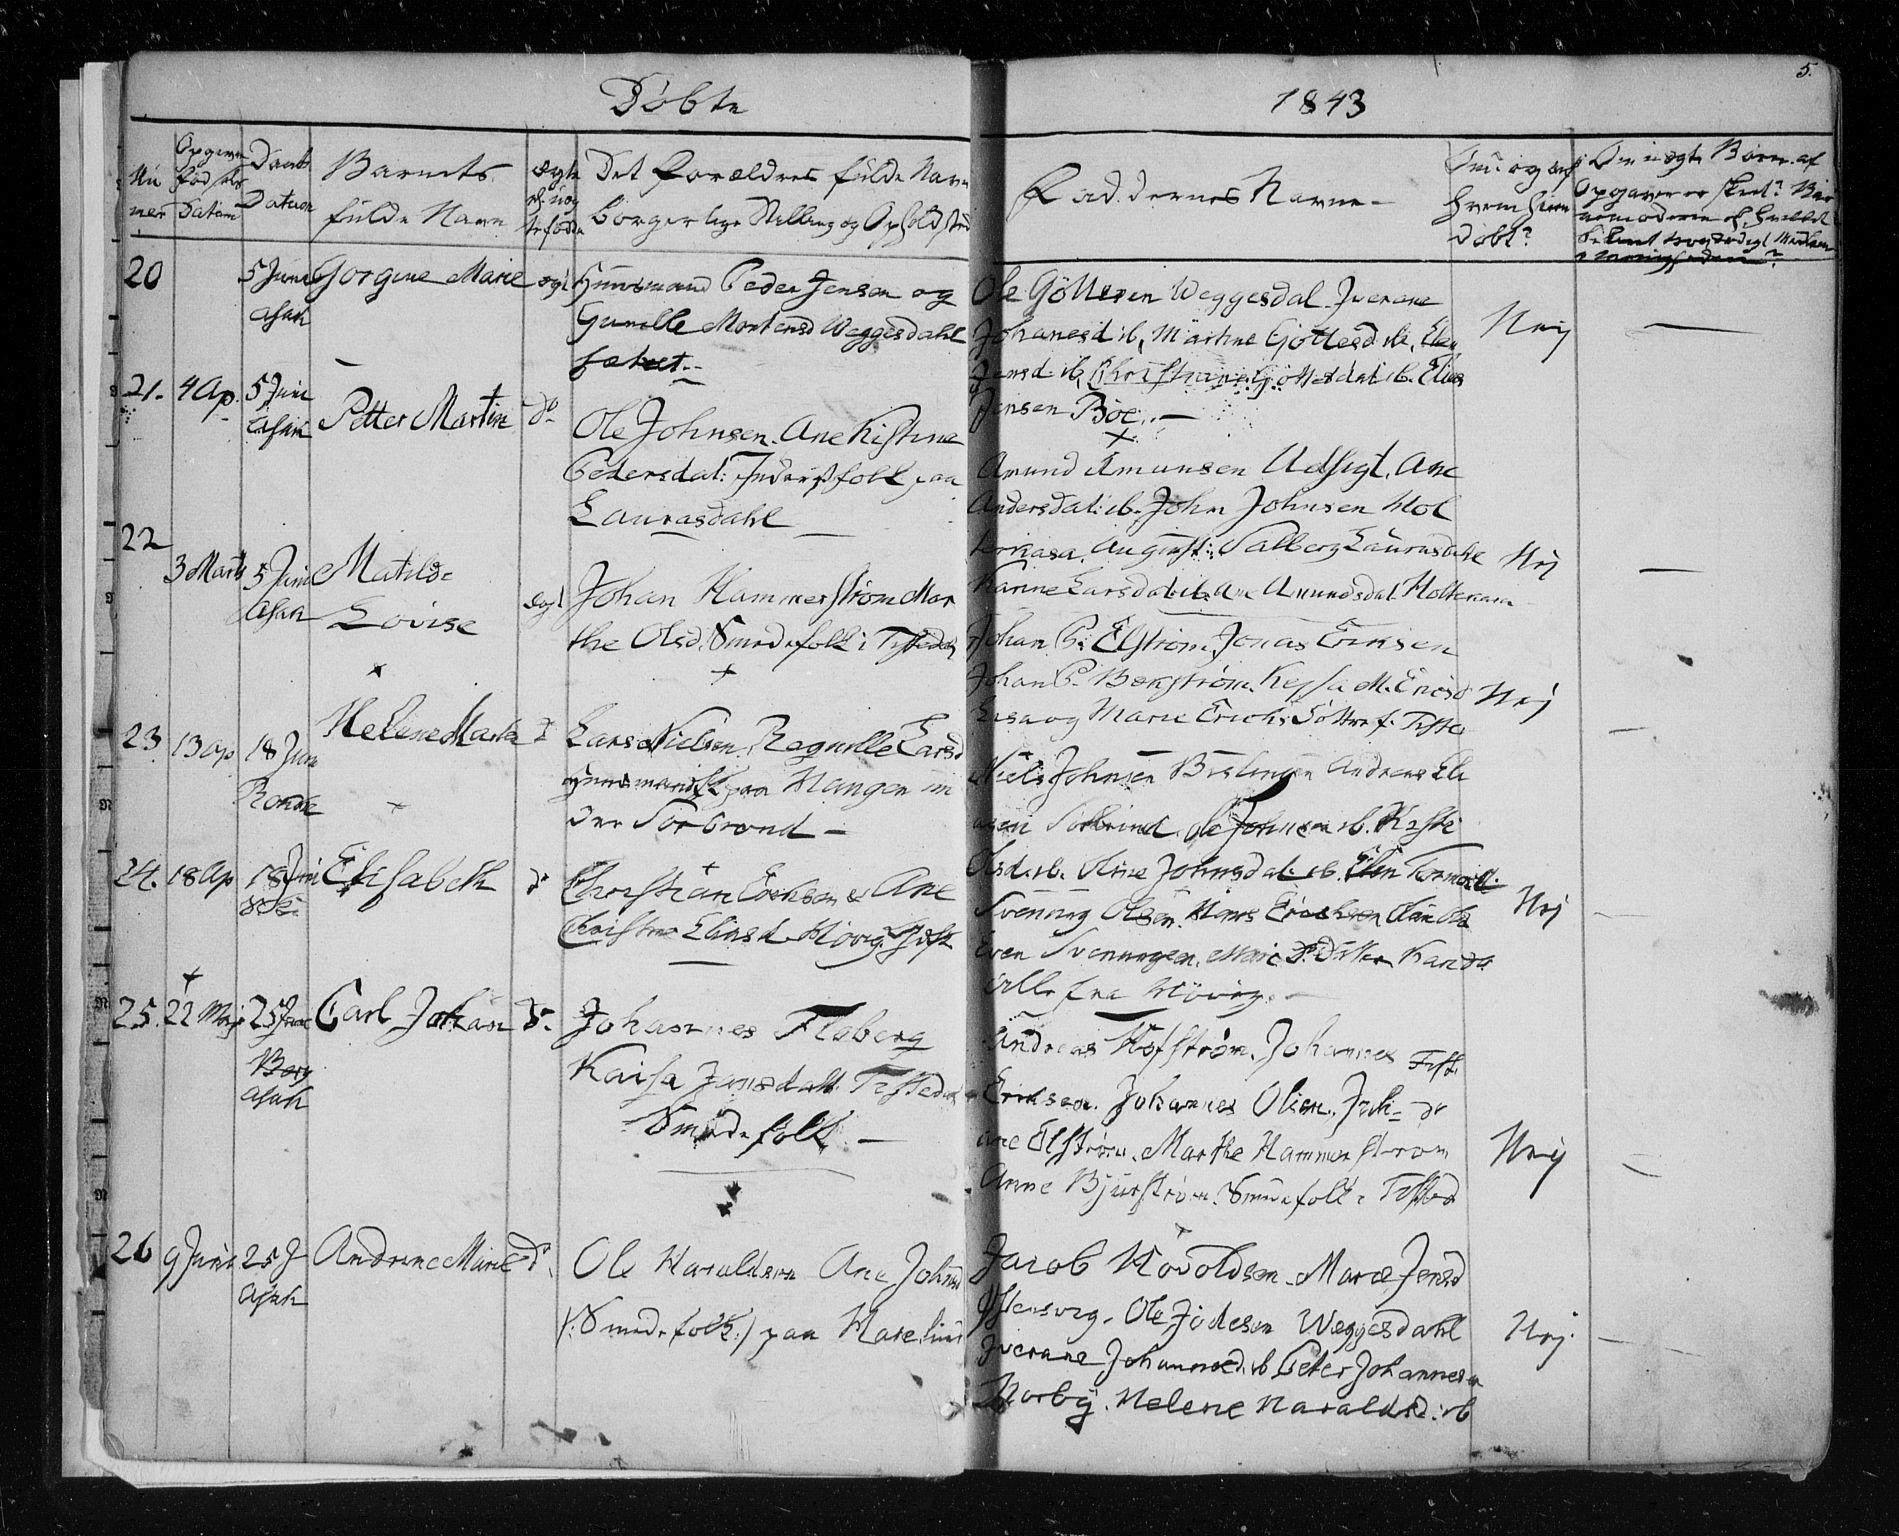 SAO, Berg prestekontor Kirkebøker, F/Fa/L0004: Ministerialbok nr. I 4, 1843-1860, s. 5